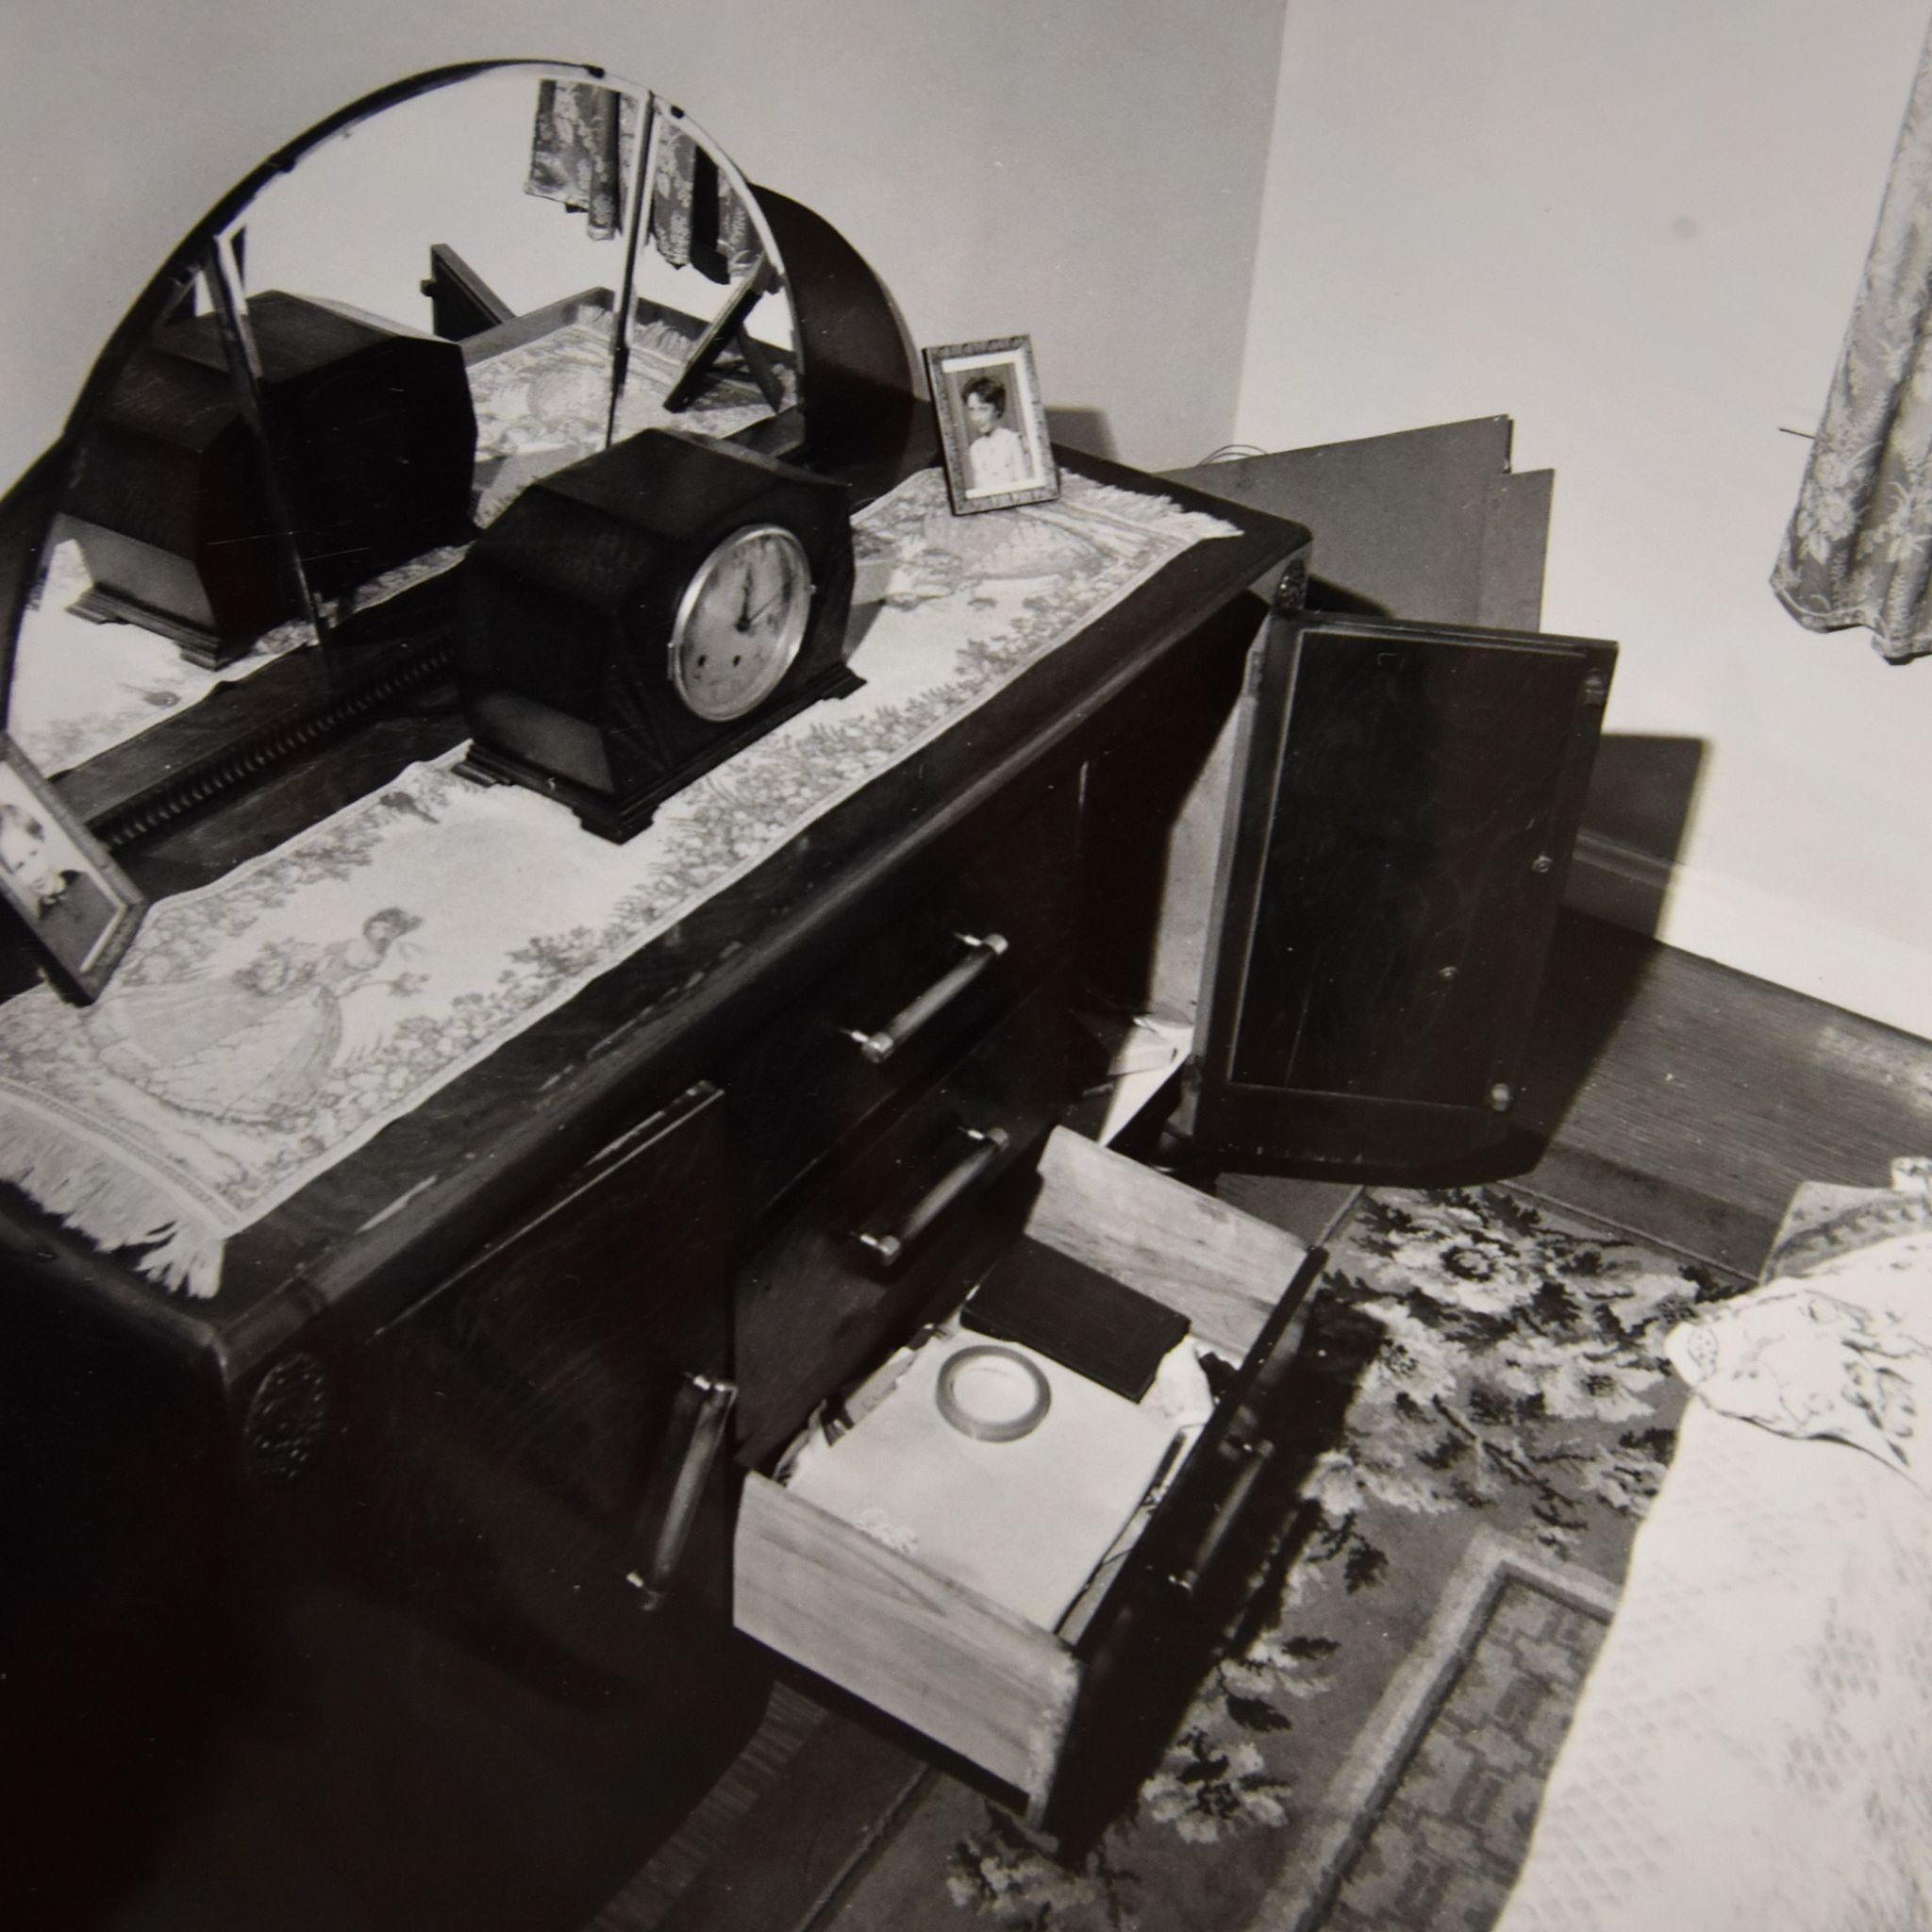 West's bedroom